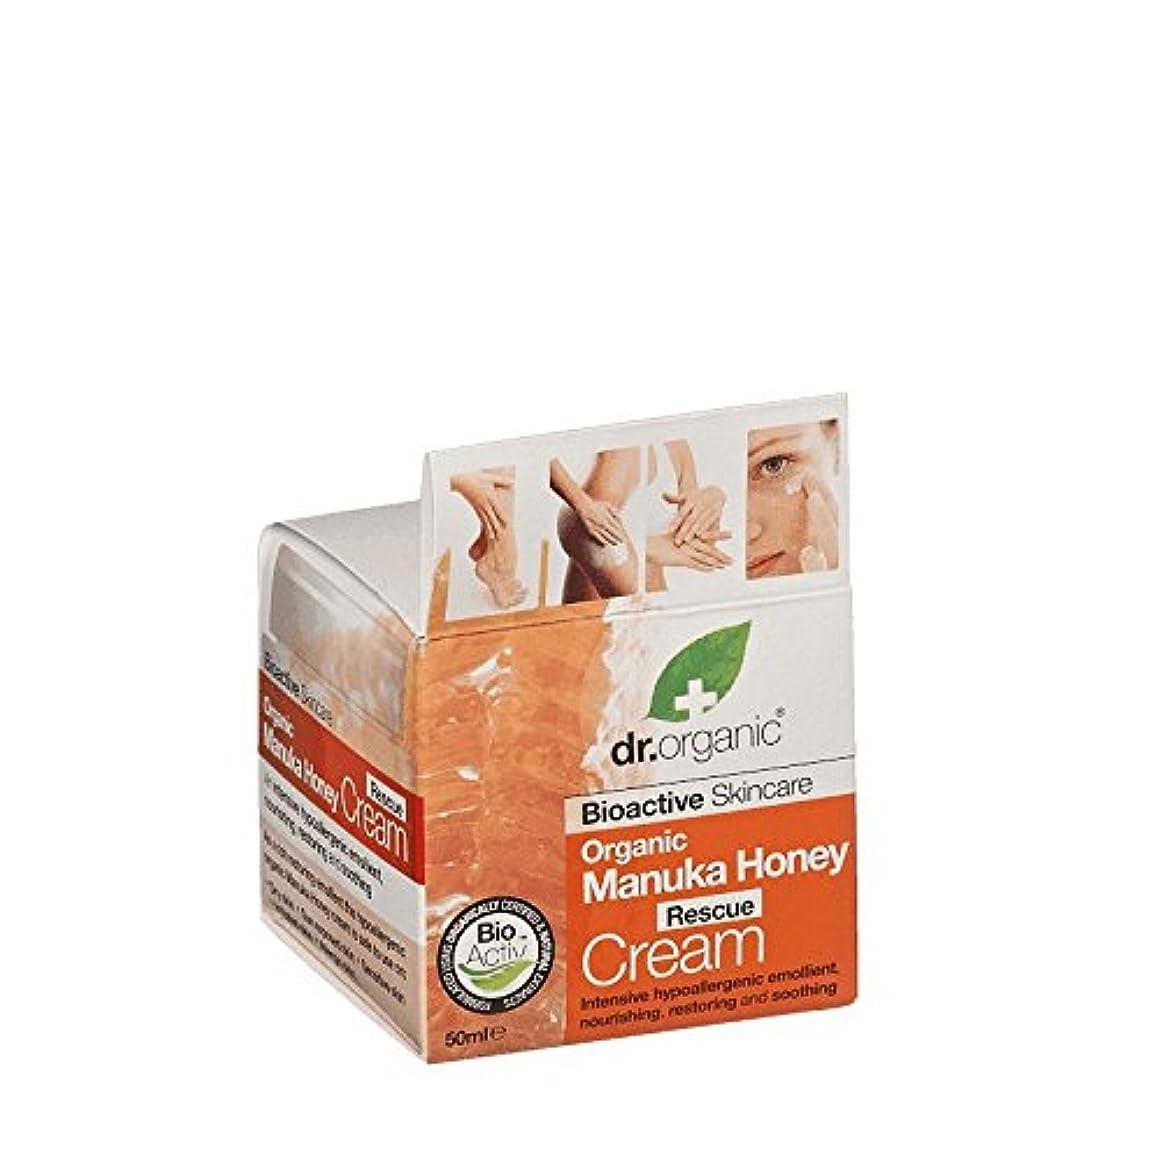 踊り子下にかどうかDr有機マヌカハニーレスキュークリーム - Dr Organic Manuka Honey Rescue Cream (Dr Organic) [並行輸入品]